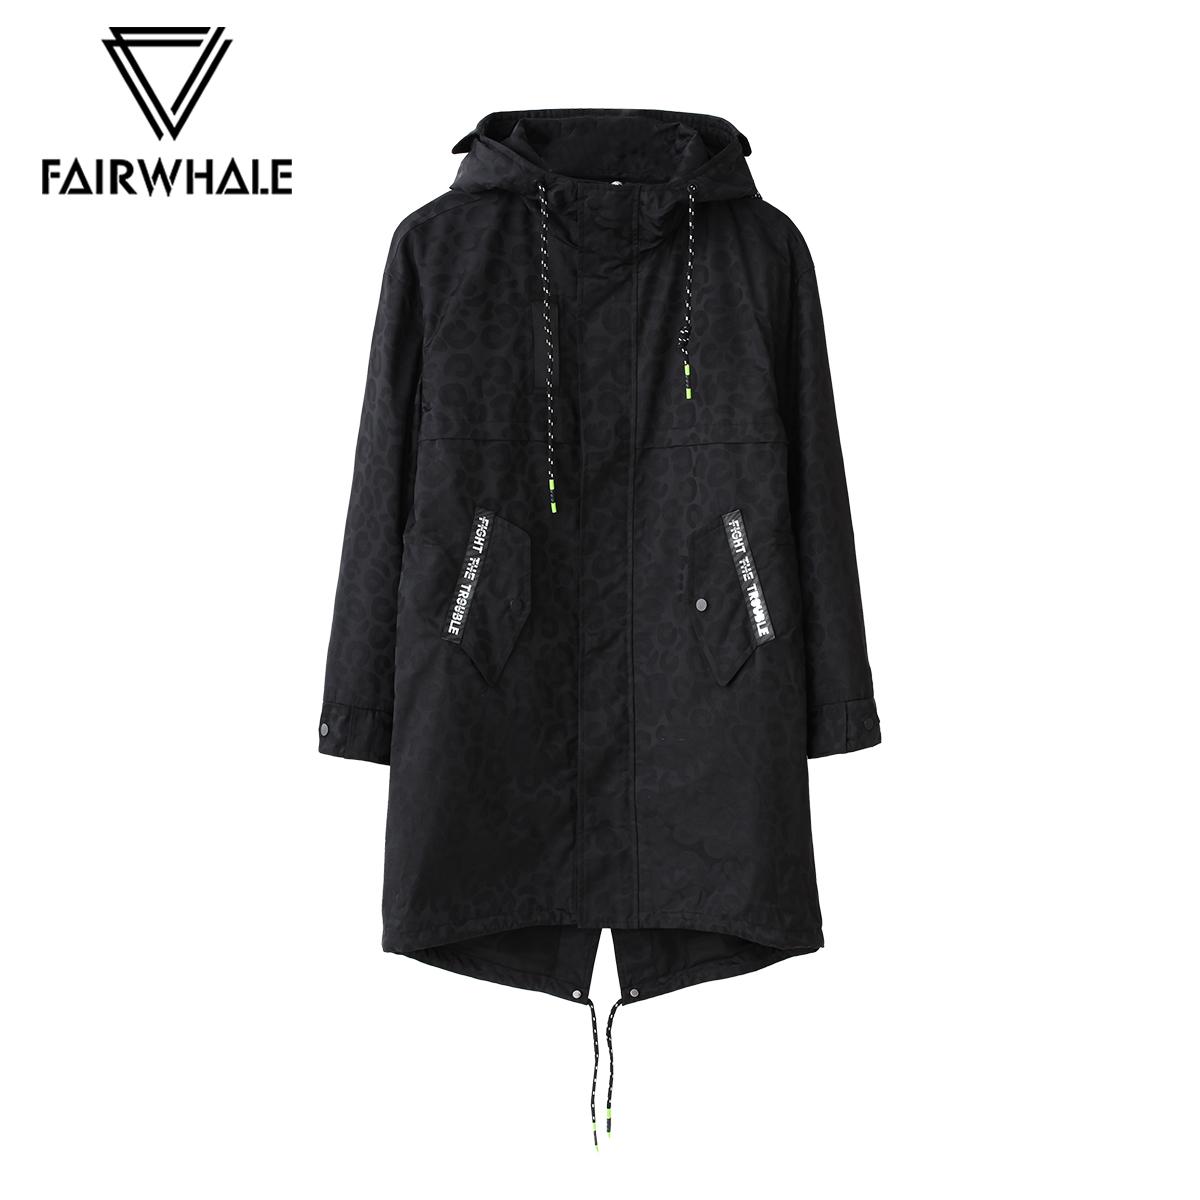 Z mall có cùng dấu hiệu Huafei cotton nam mùa thu trùm đầu in áo khoác cotton dài - Trang phục Couple